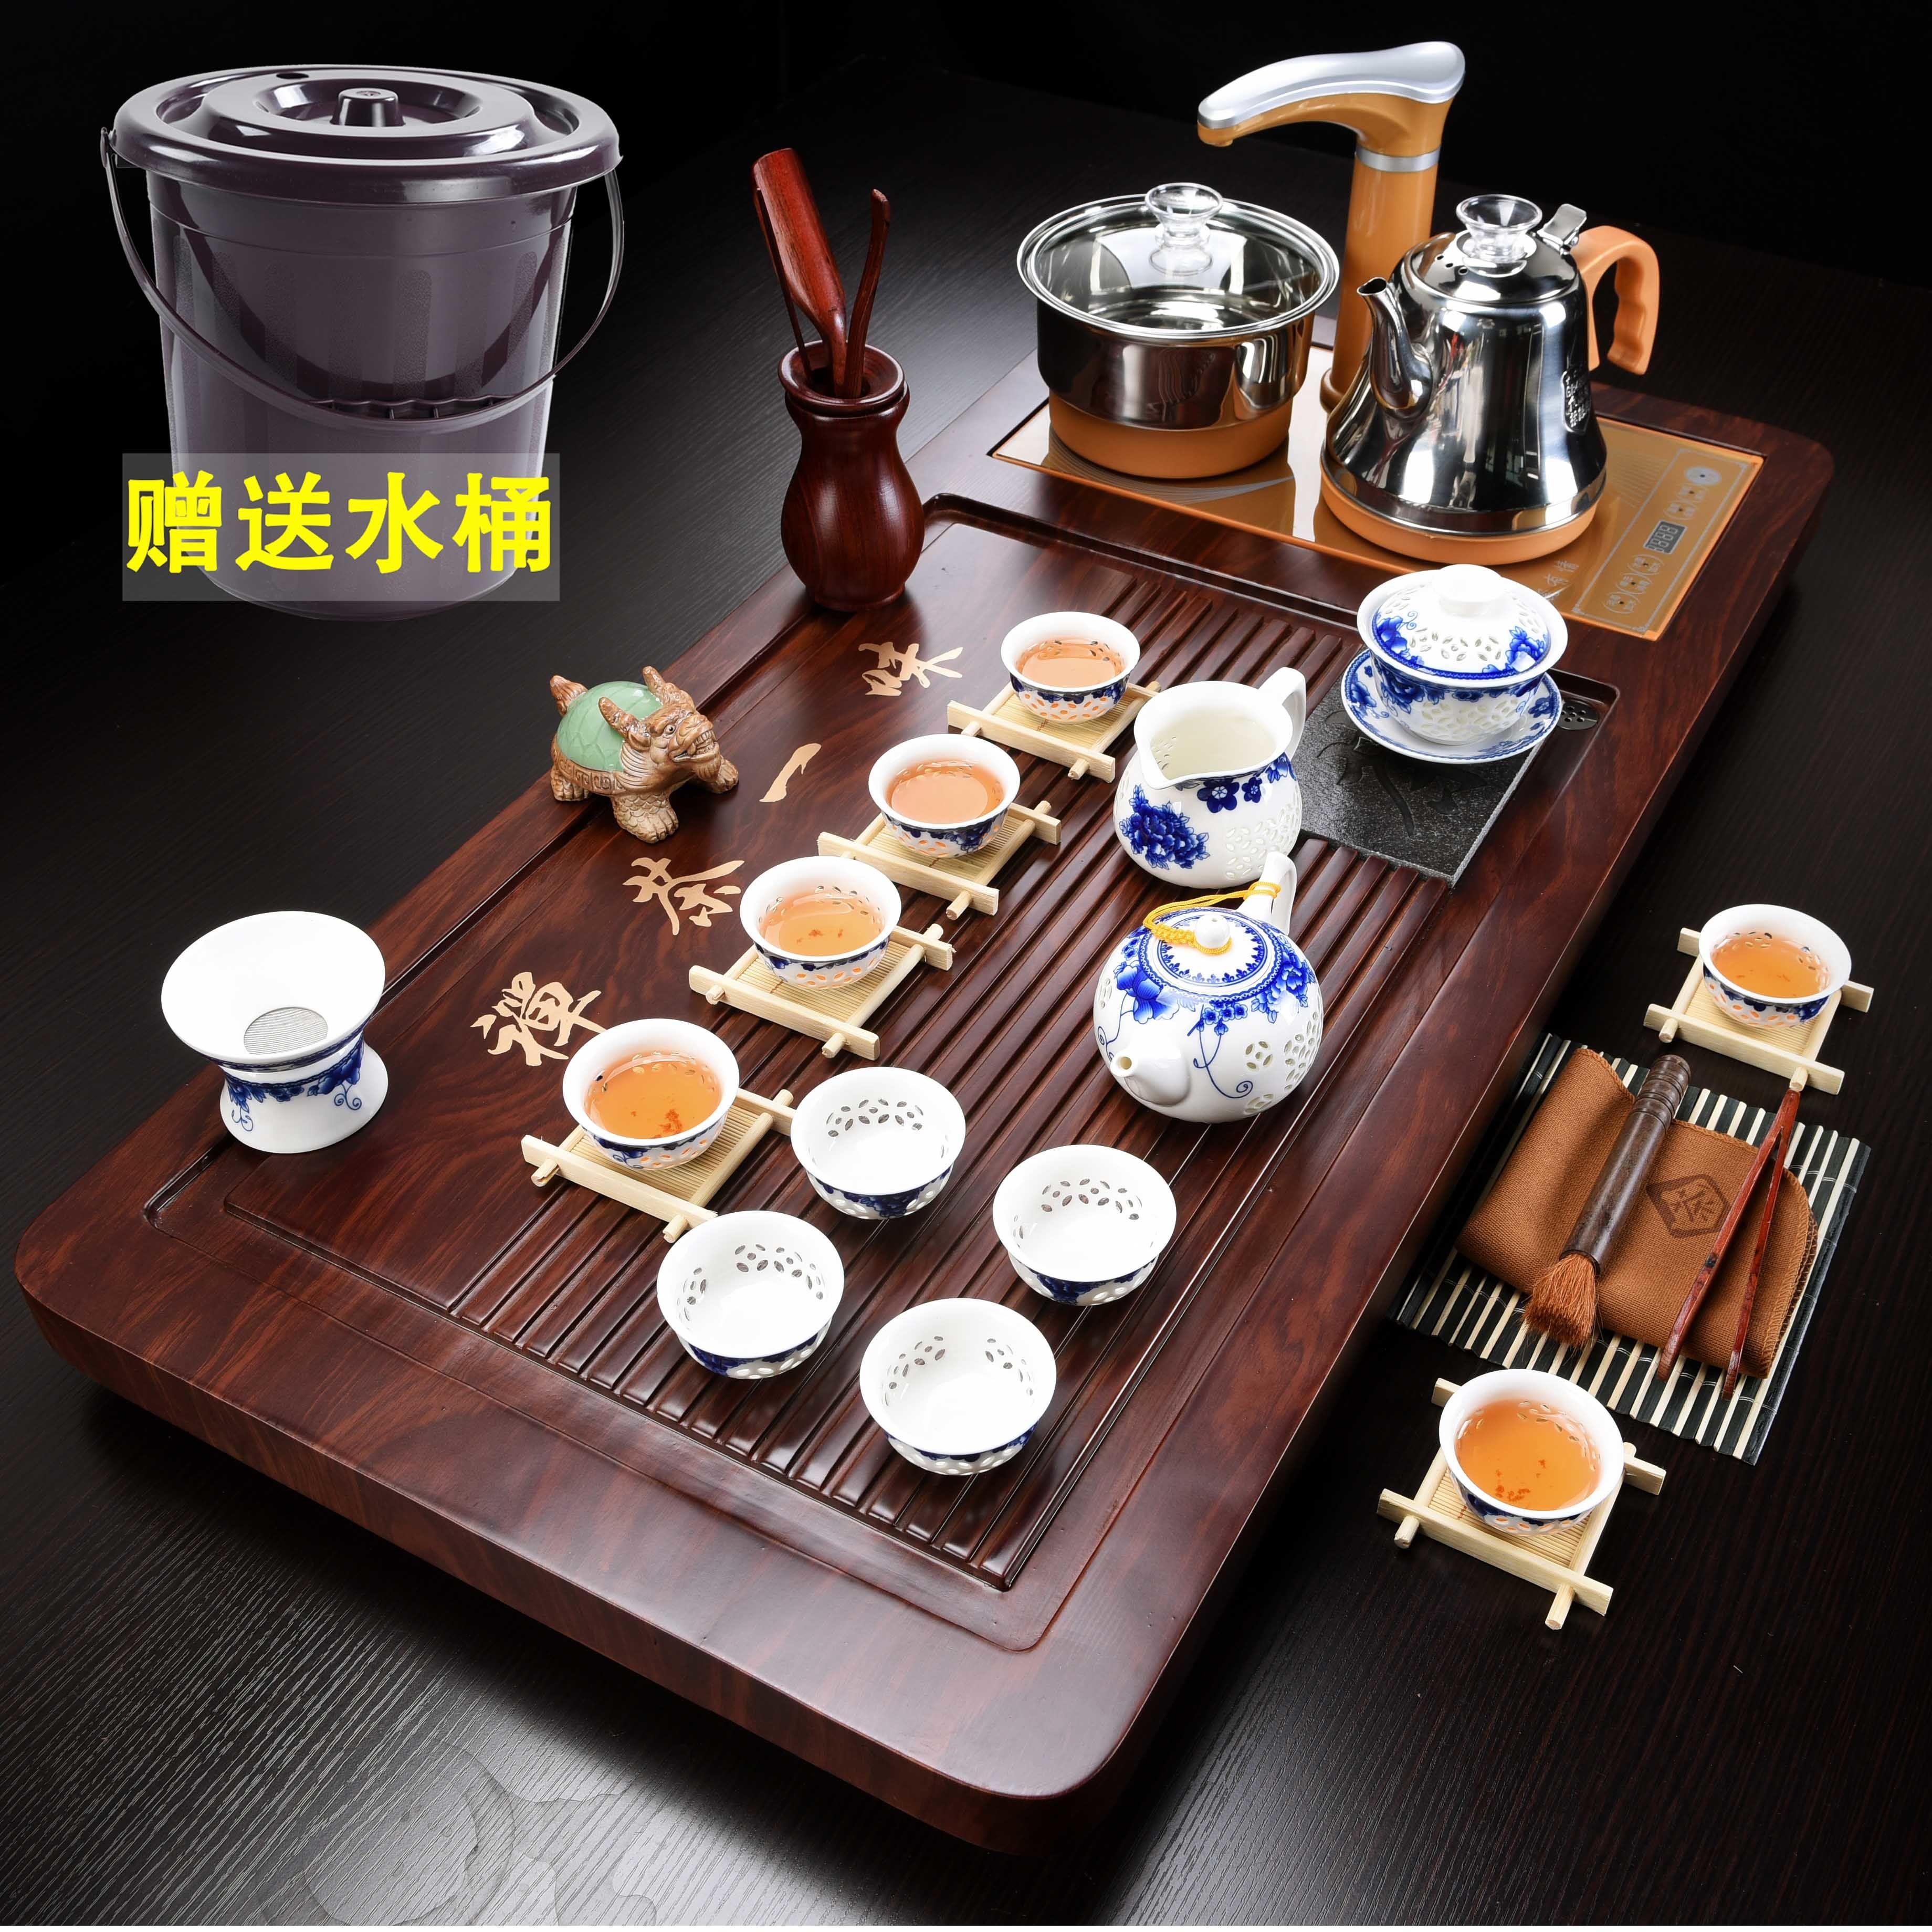 家用茶具价格及图片